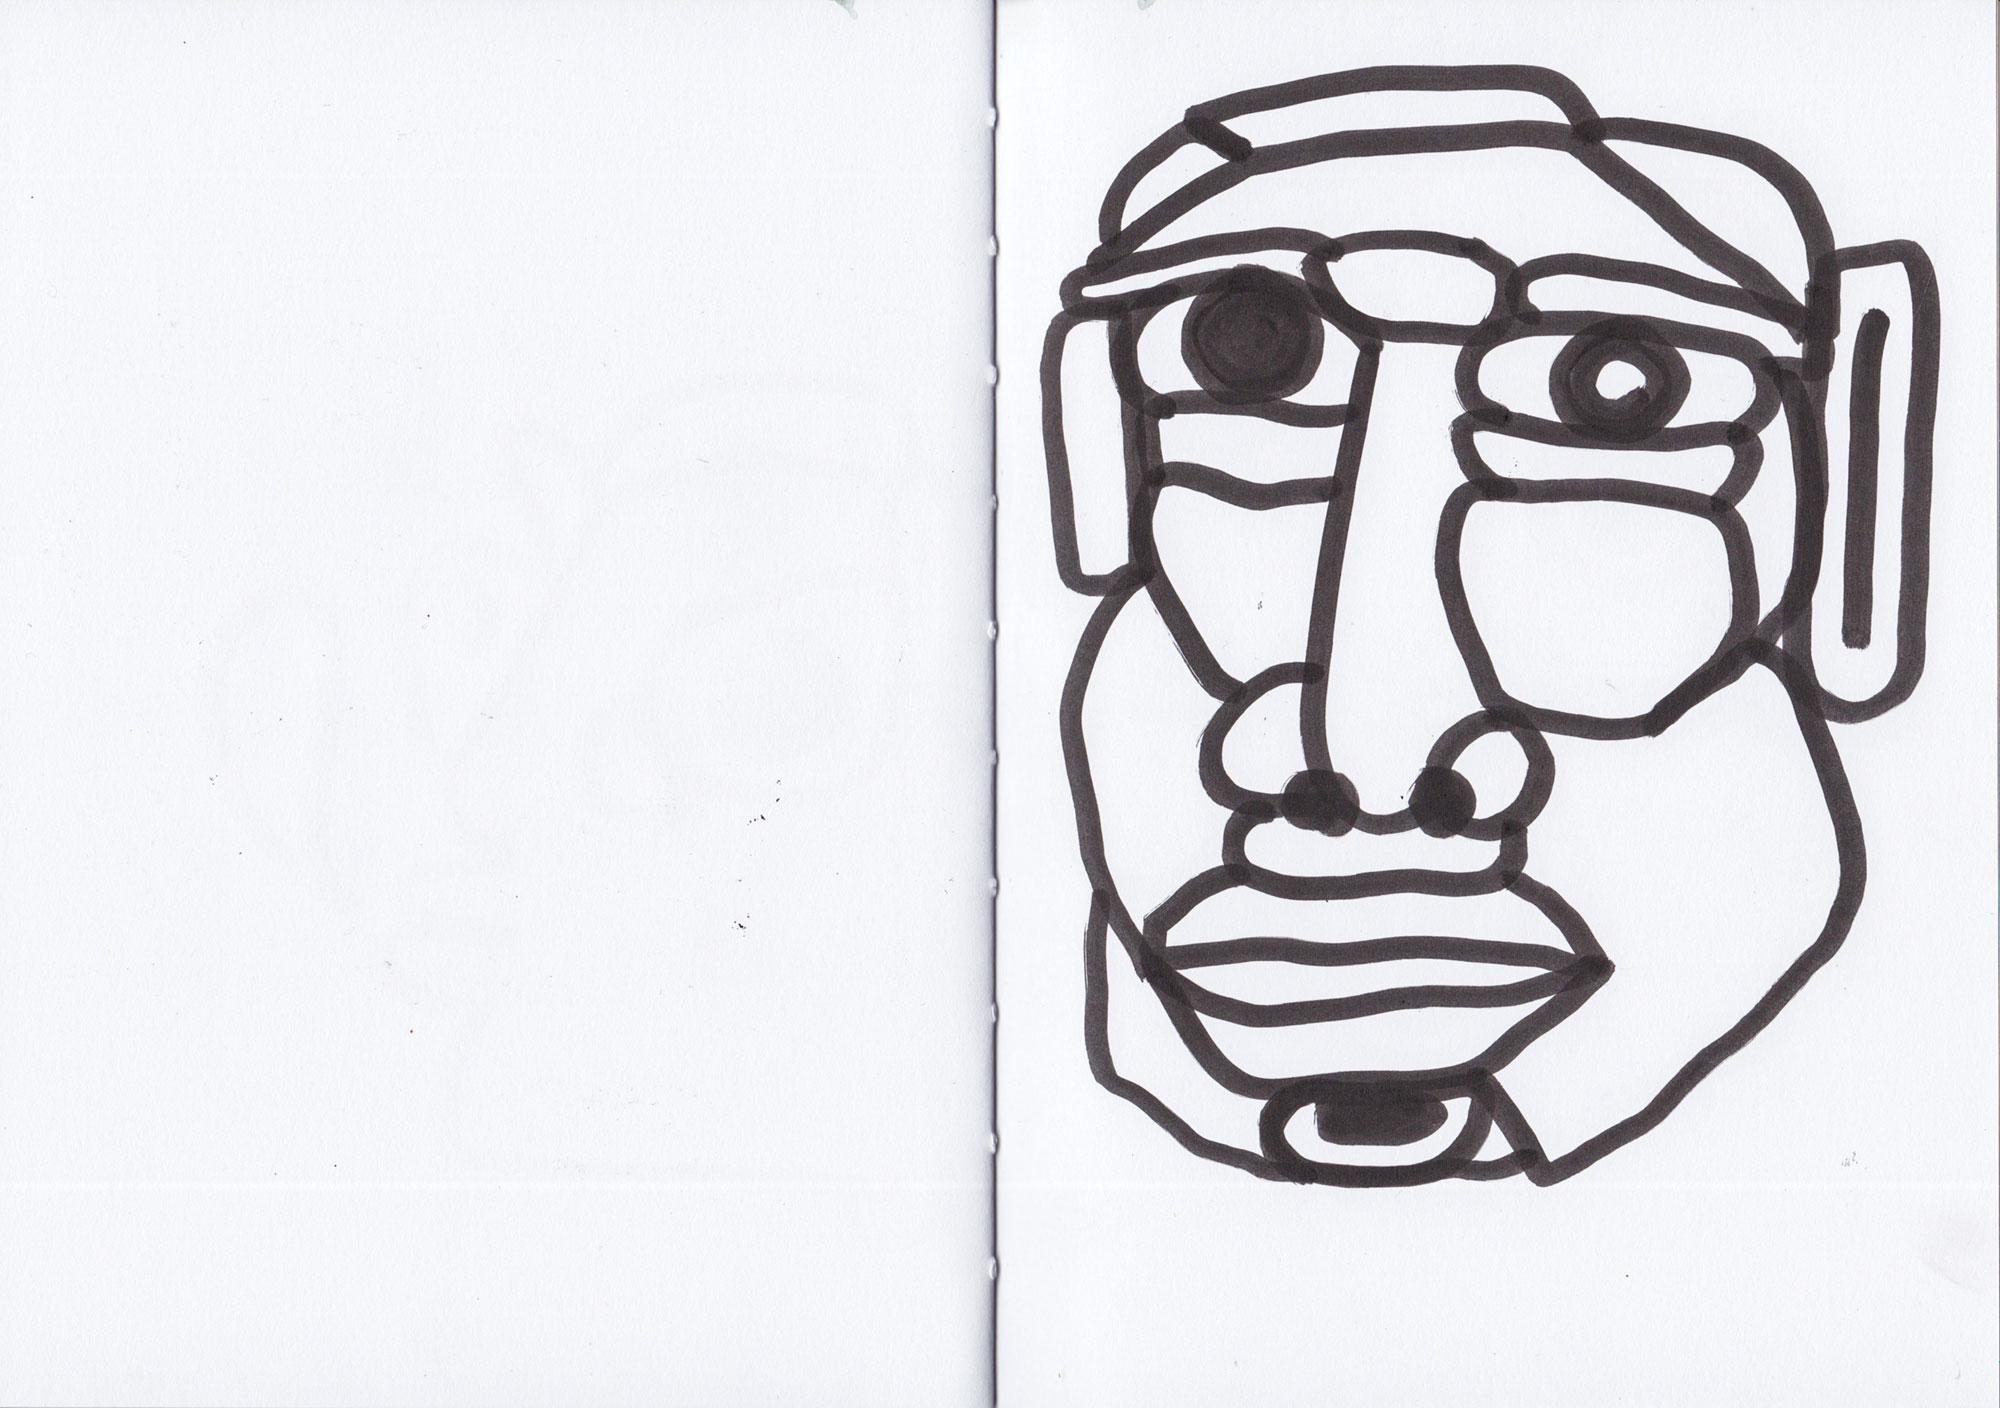 18-Scan-Book-FACES-DA-15